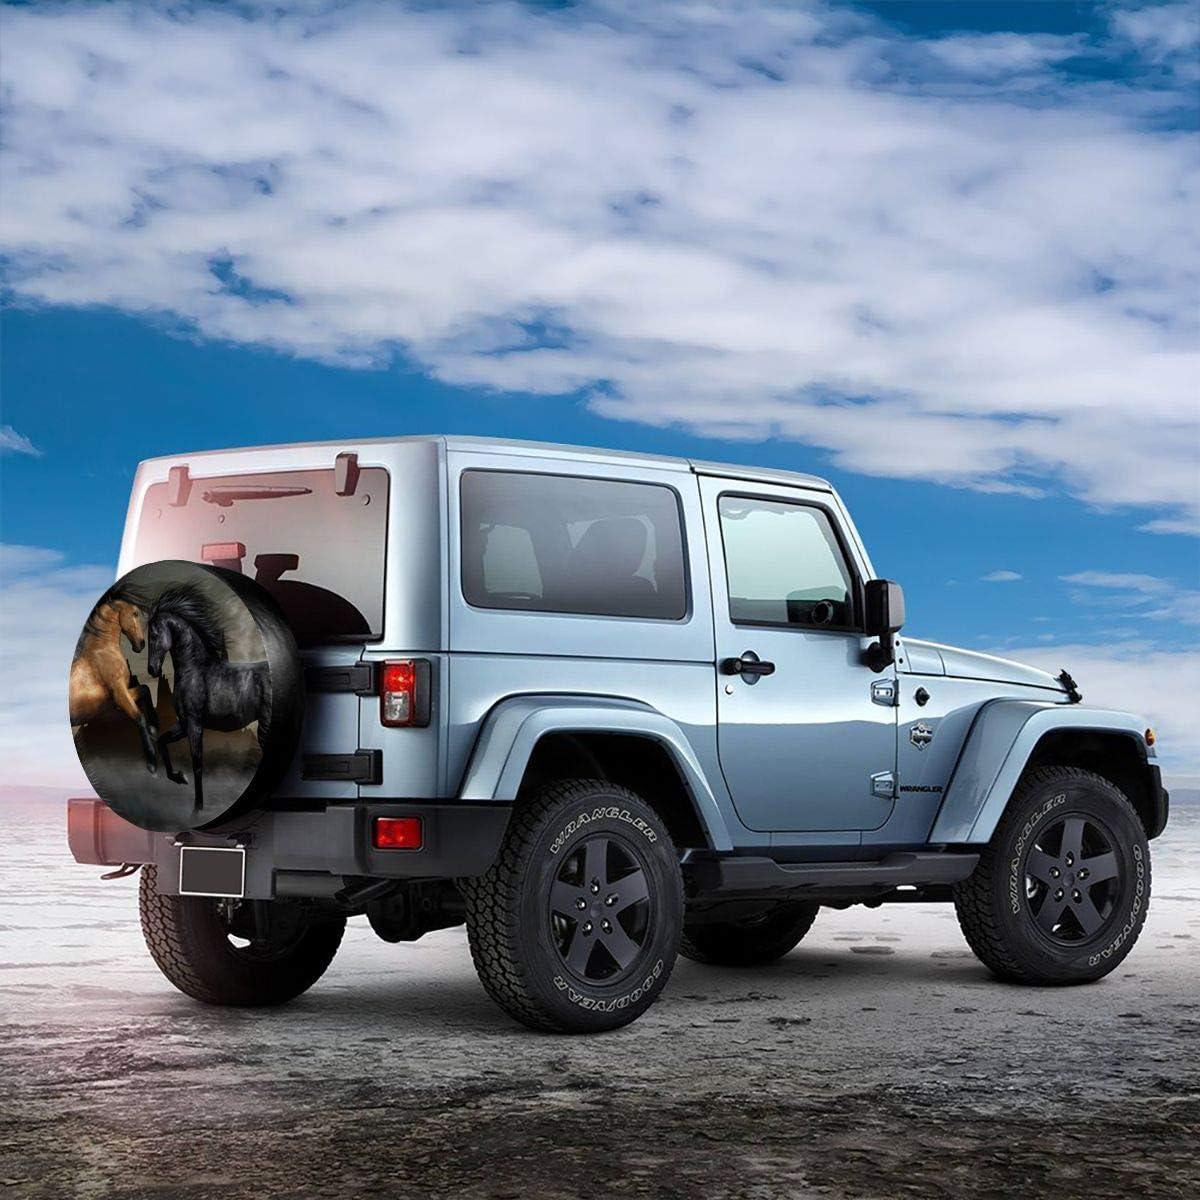 VTIUA Horse Polyester Universal Sunscreen Universal Ersatzreifen Rad Weiche Abdeckung Besch/ützer Weatherproof for Jeep//Trailer//RV//SUV 14 15 16 17